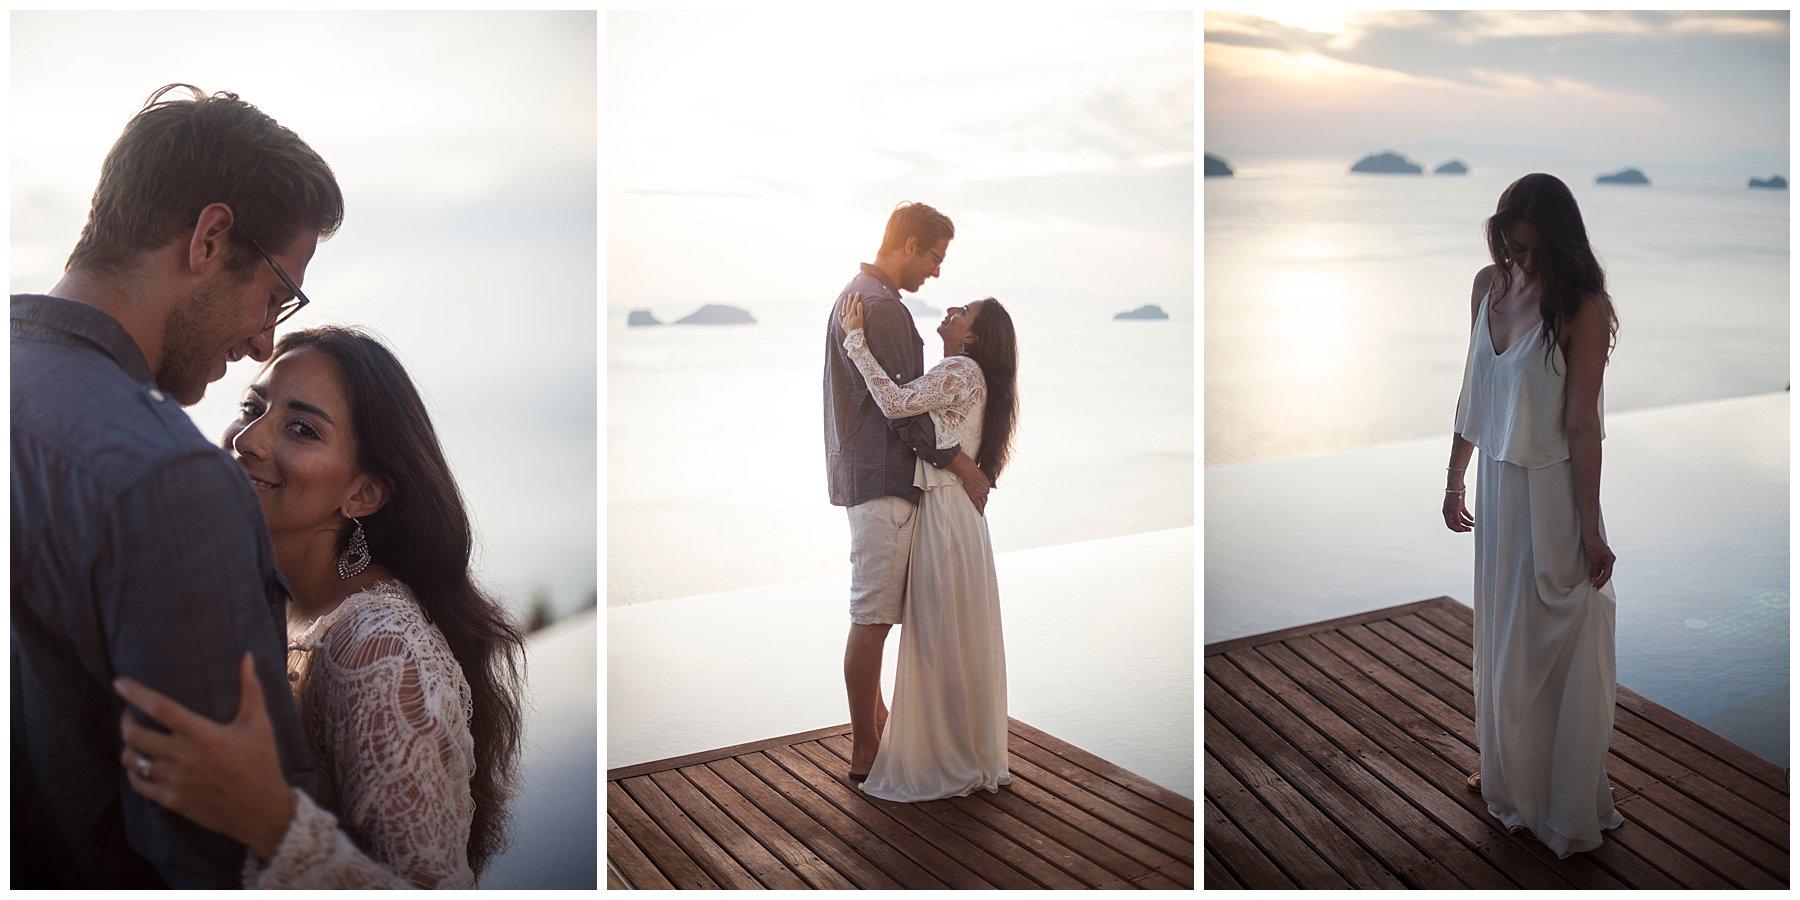 hochzeitsfotograf Thailand Jane weber Auslandshochzeit Honeymoon Kohle samui verlobungsshooting